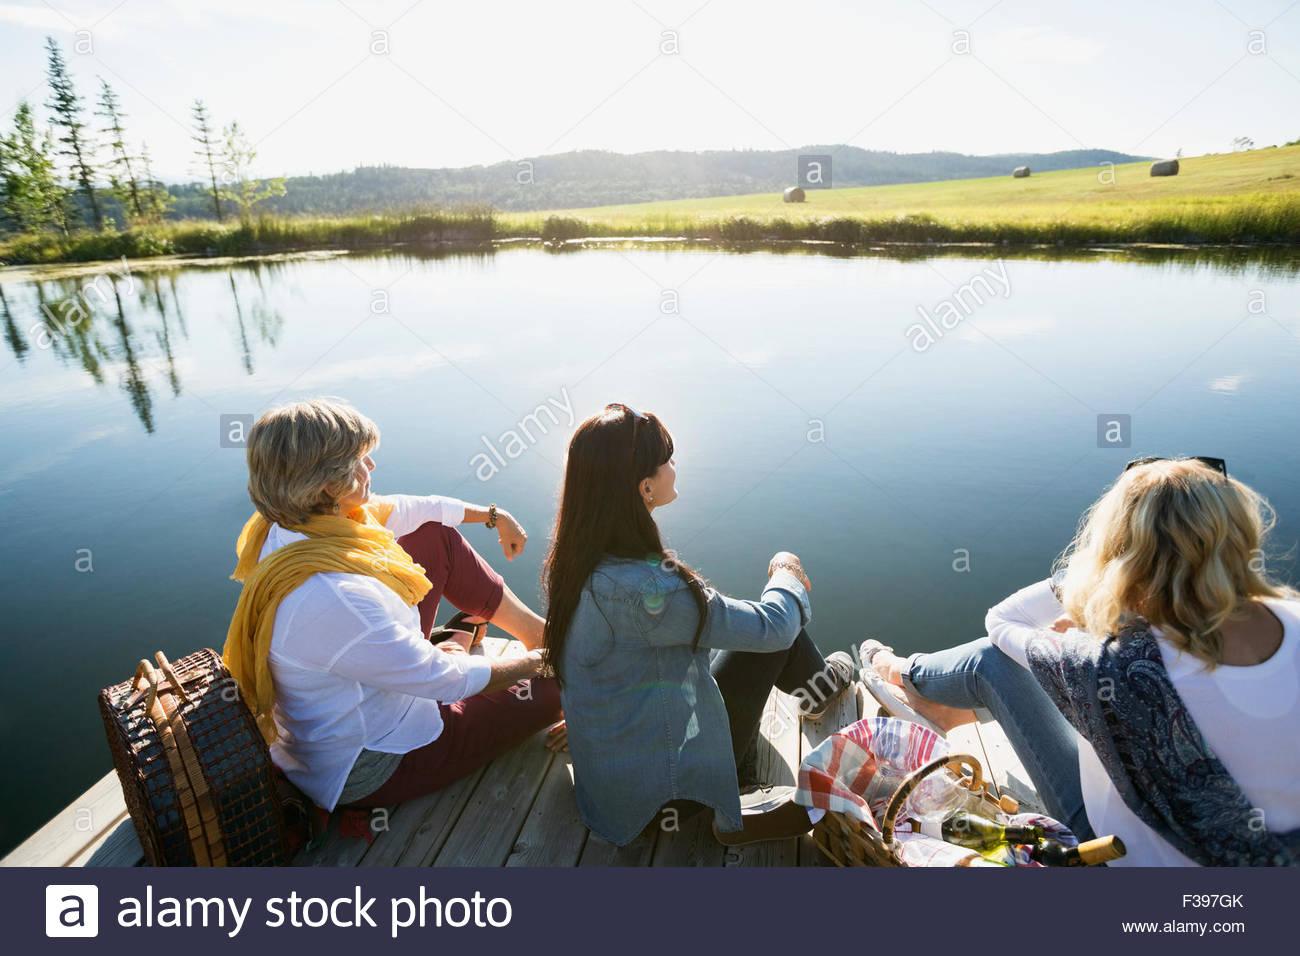 Women enjoying picnic on dock at sunny lakeside - Stock Image